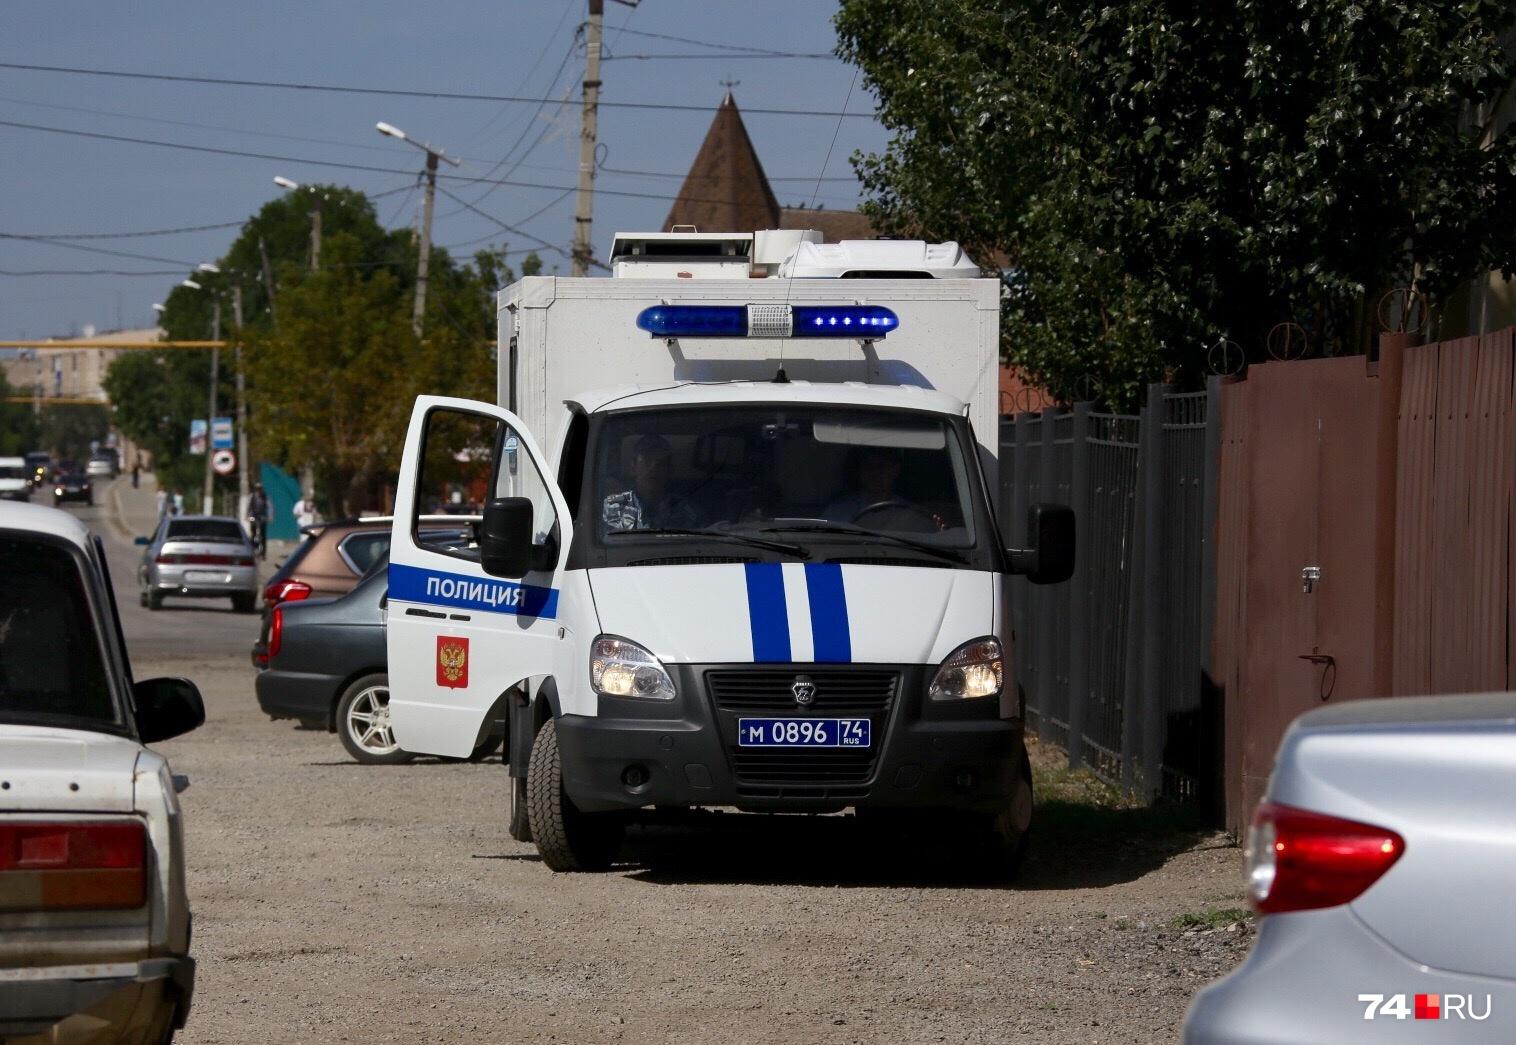 Подследственного привезли в суд на этой машине и вывели из неё уже во дворе за воротами, подальше от лишних глаз